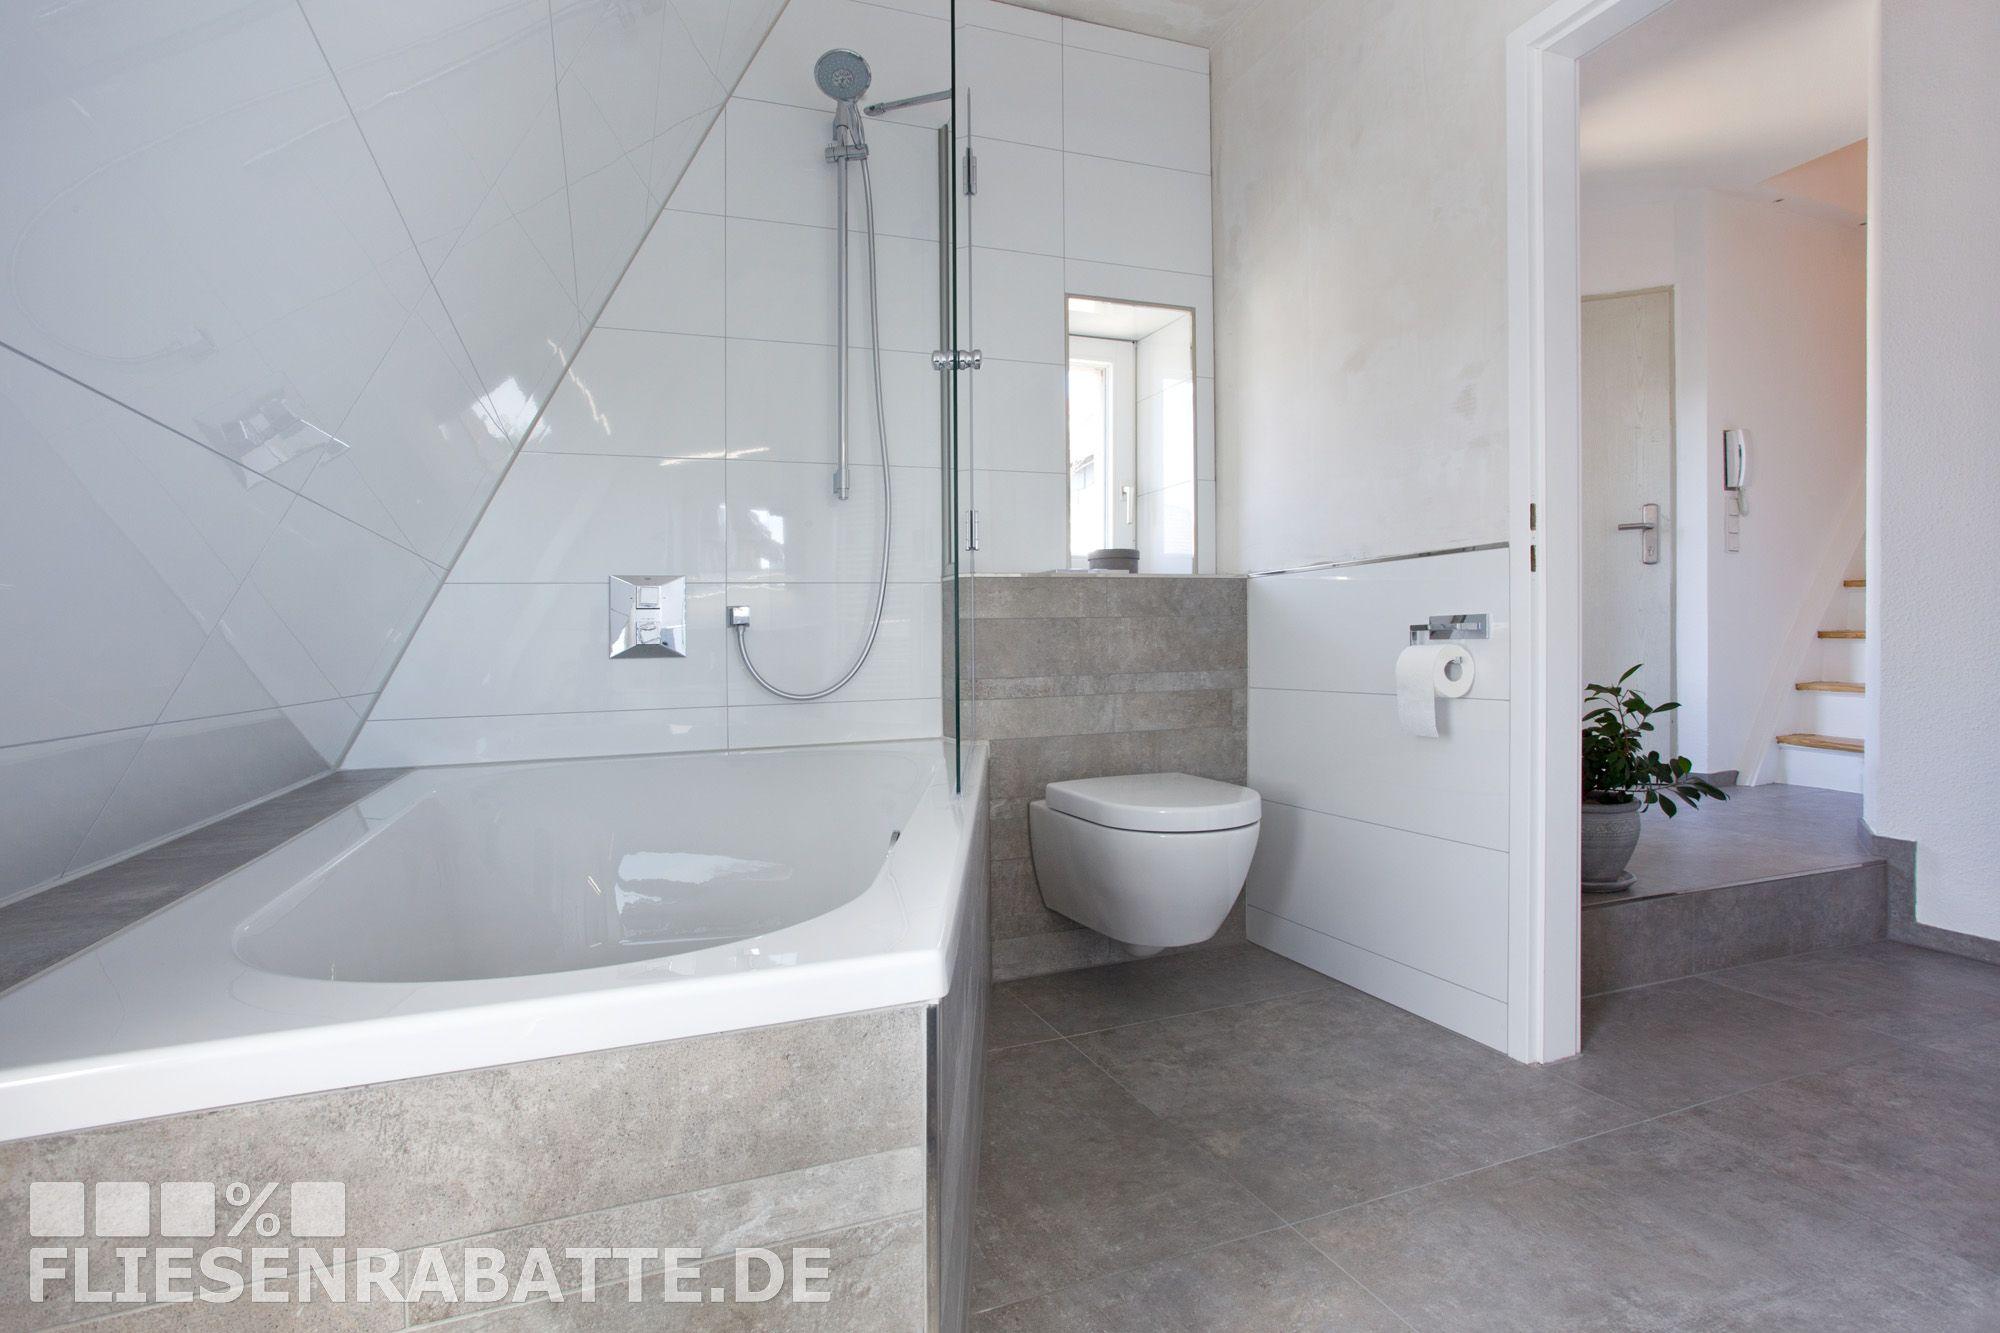 Badezimmer neu gestaltet mit Fliesen in Betonoptik. #Fliesen ...